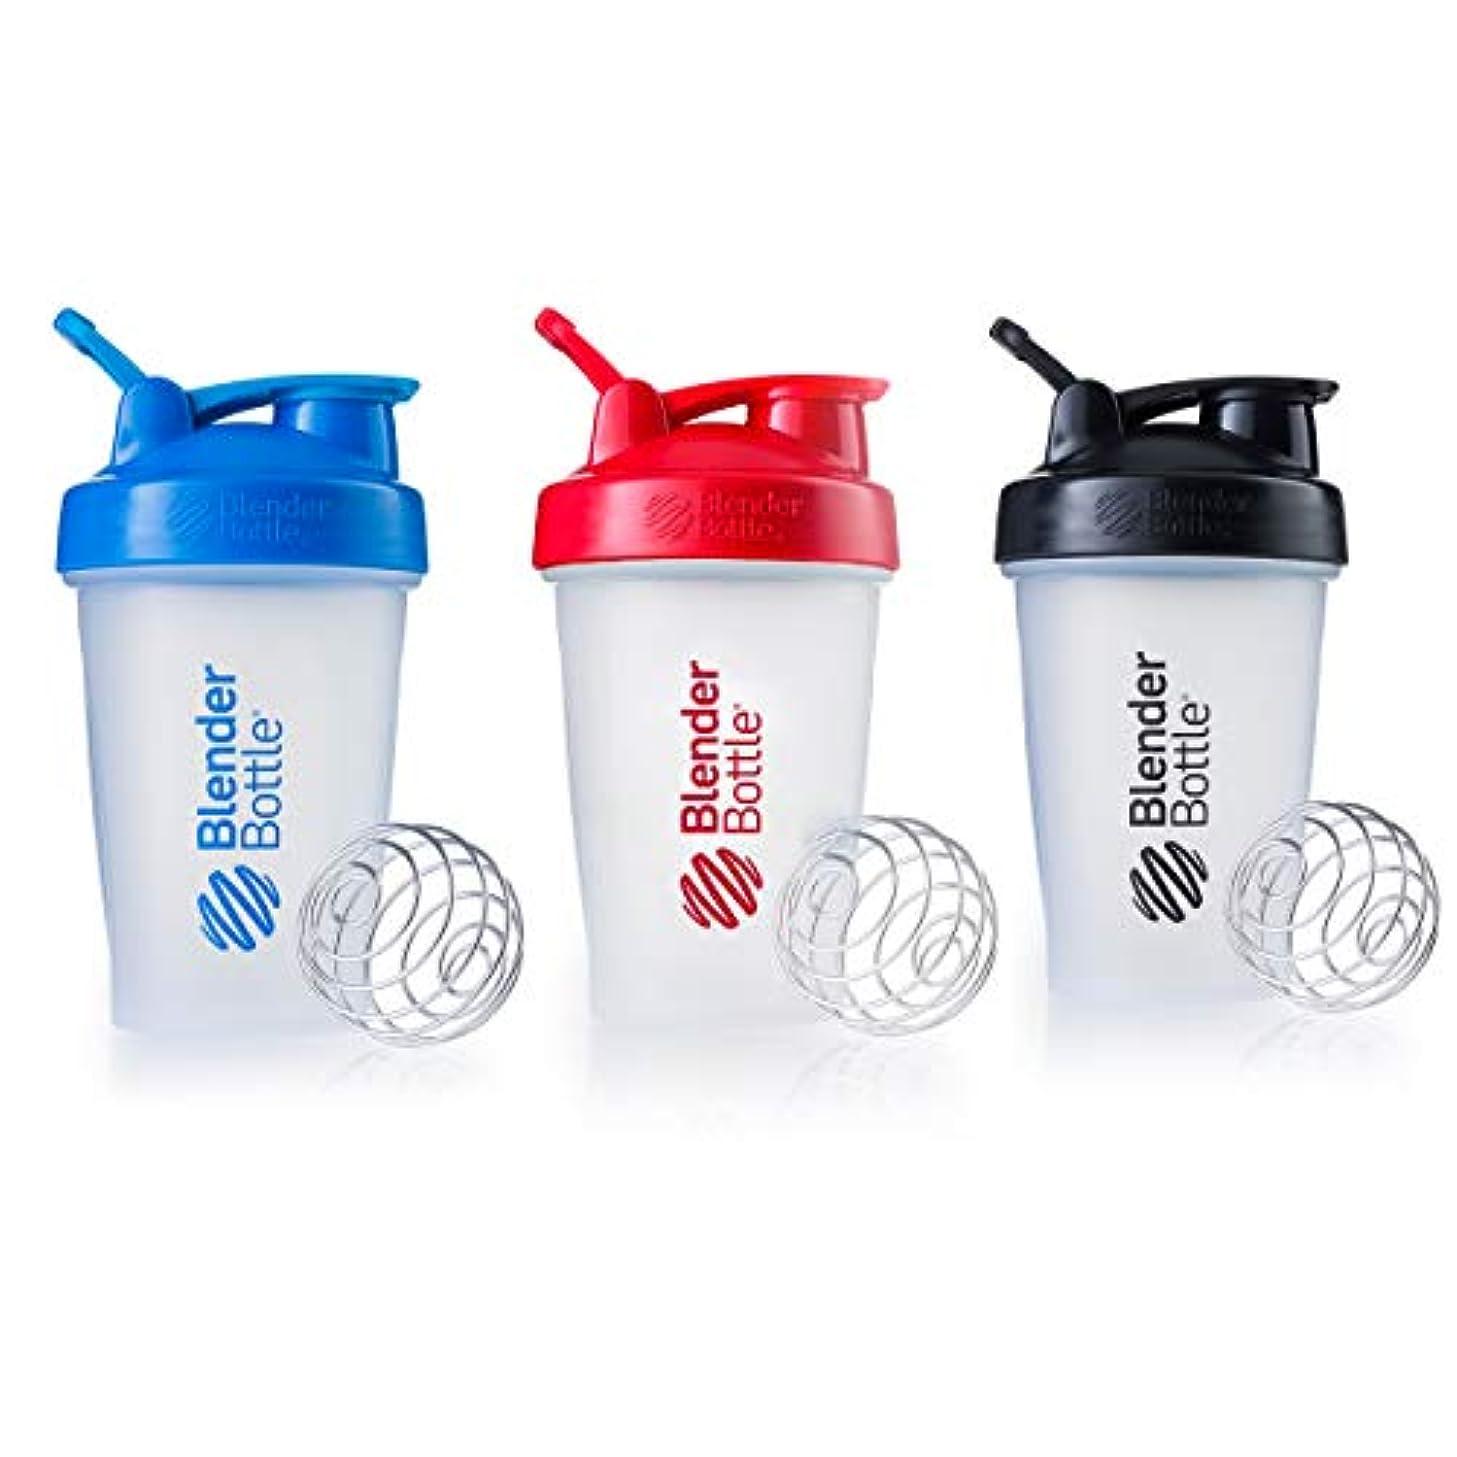 キャンバスピアニストガロンBlender Bottle with Shaker Ball 20 Oz, (Blue, Red, Black) by Blender Bottle